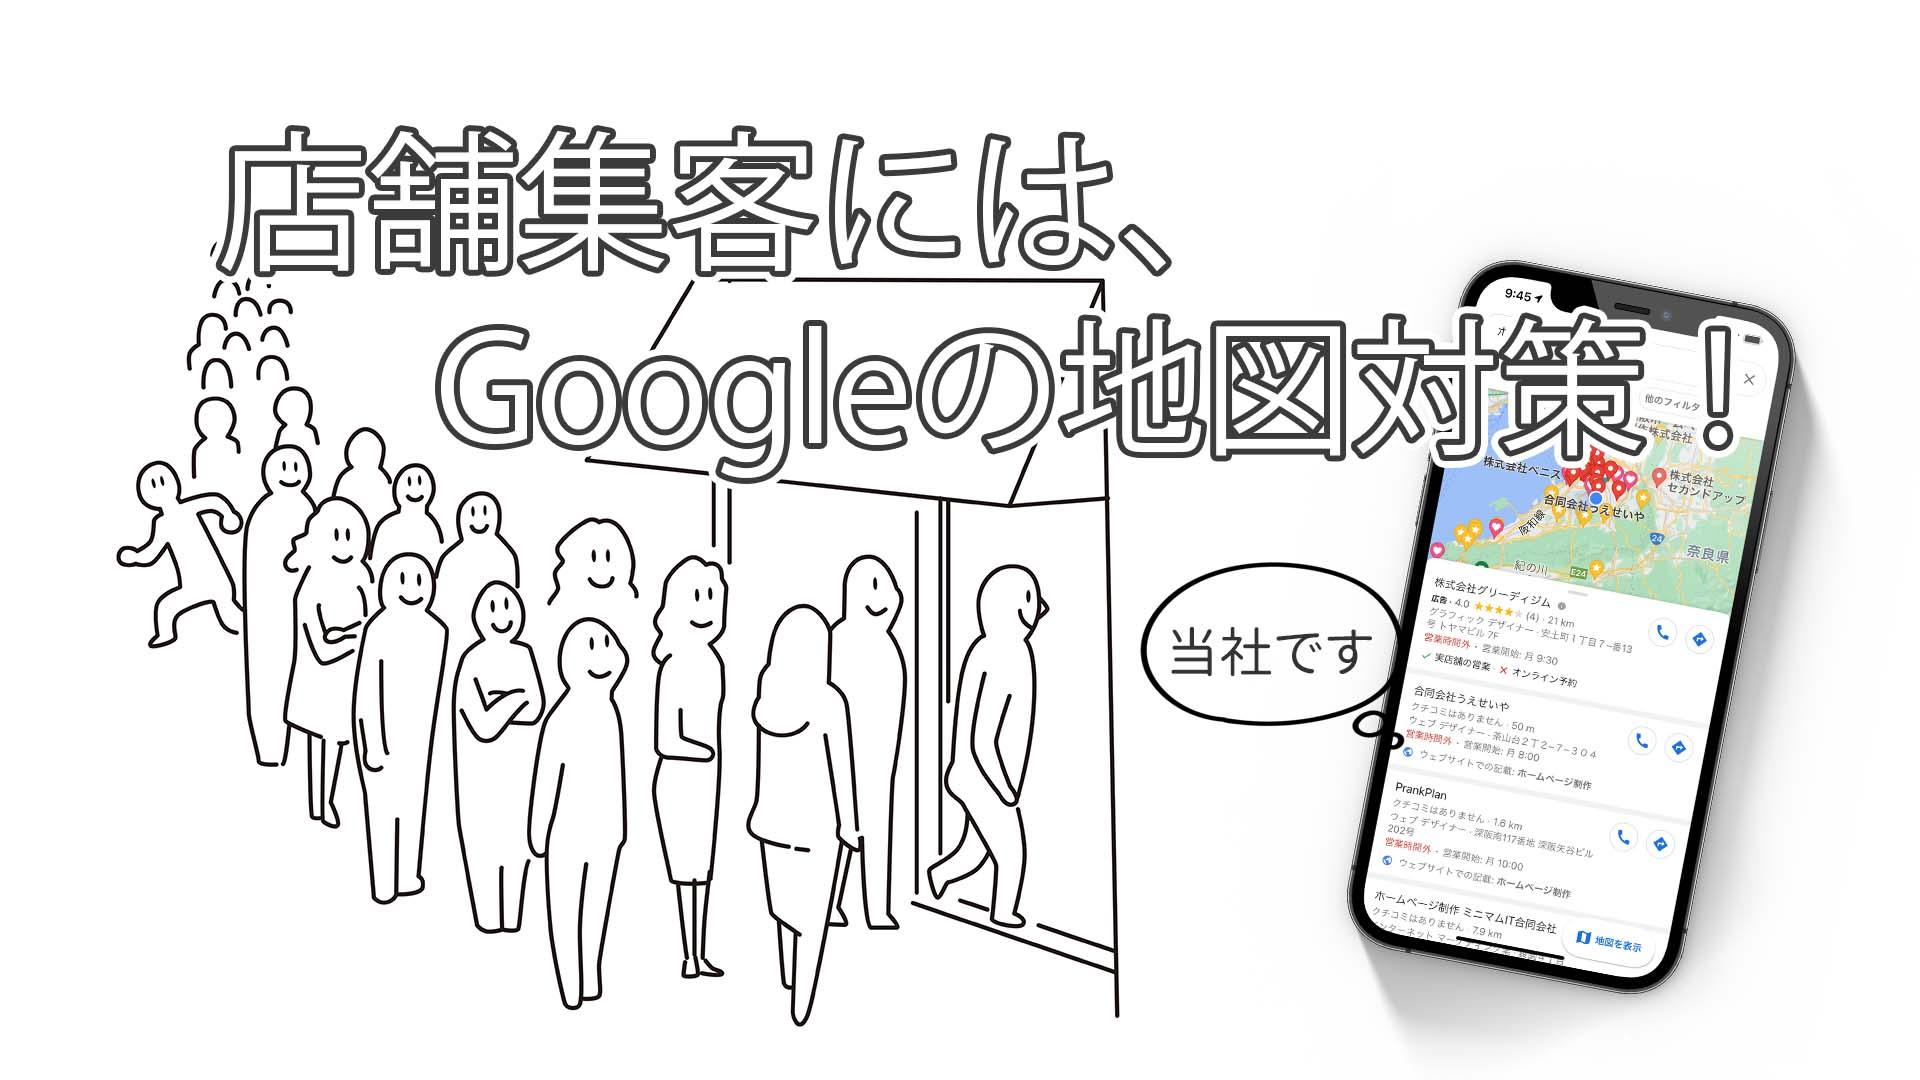 店舗集客にはGoogleの地図対策